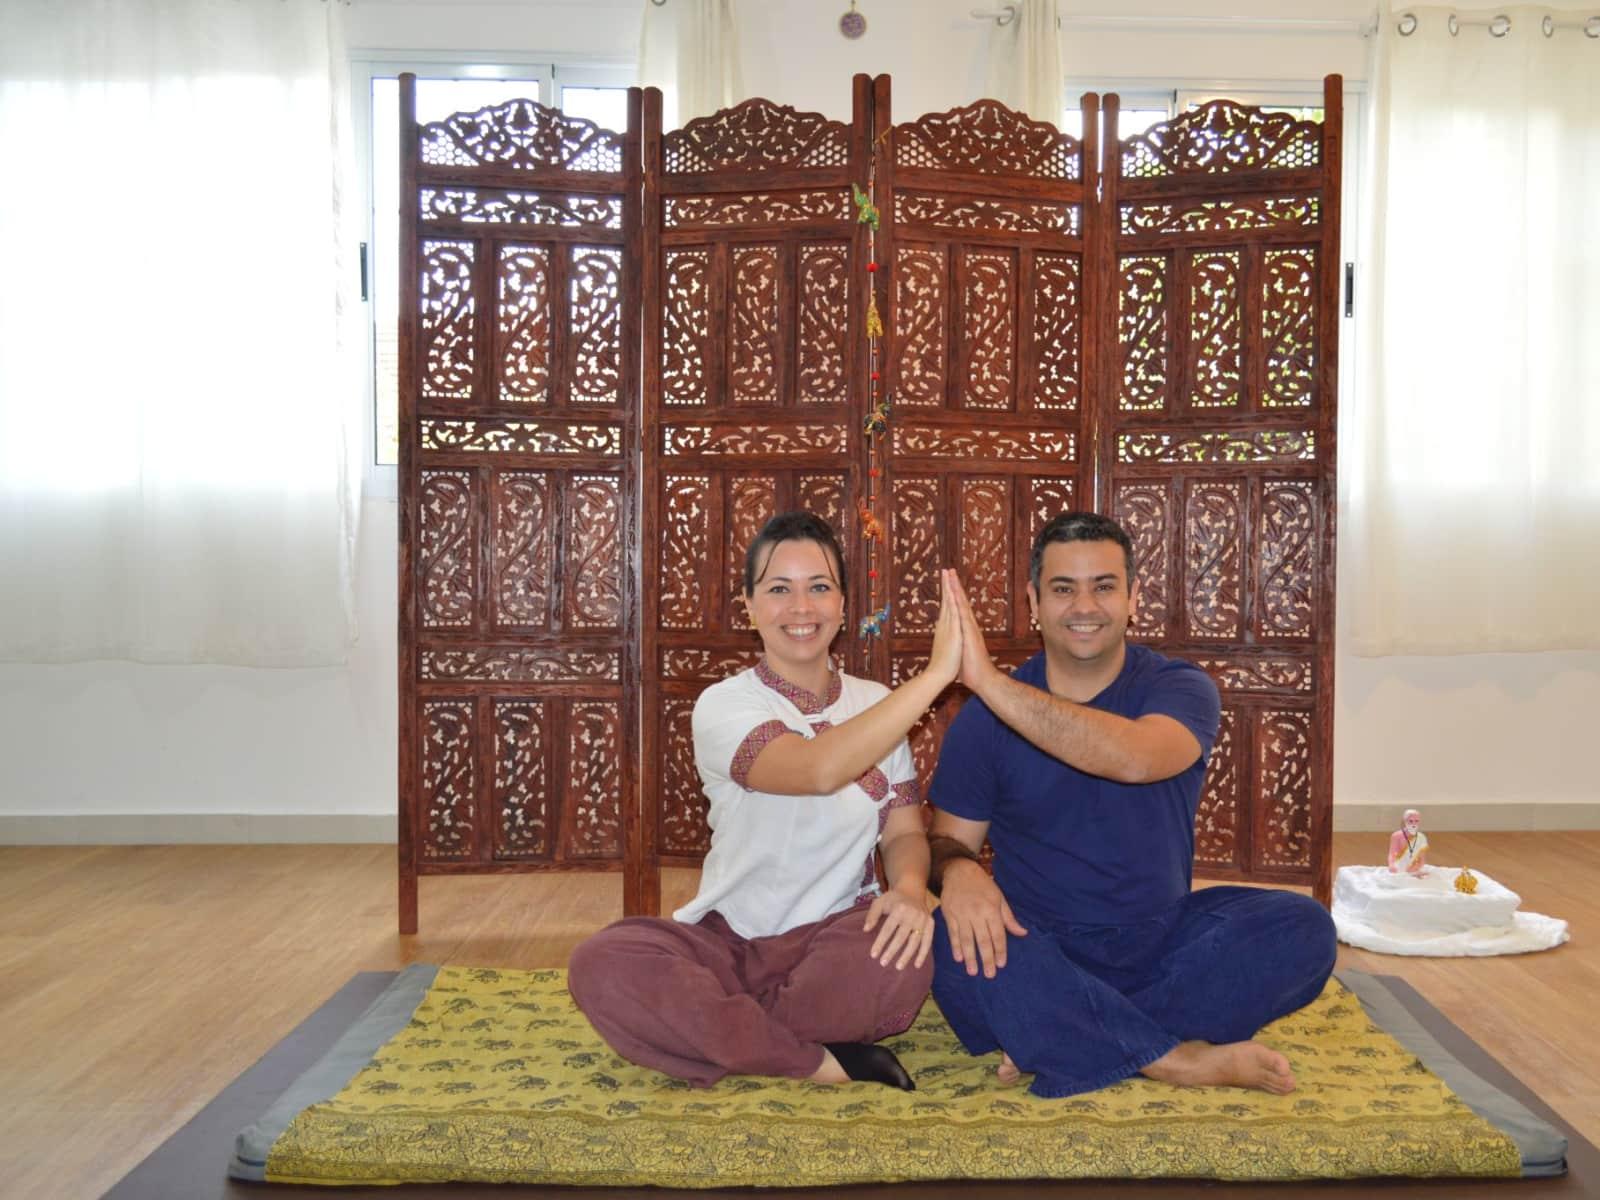 Nívia & Thiago from São Paulo, Brazil